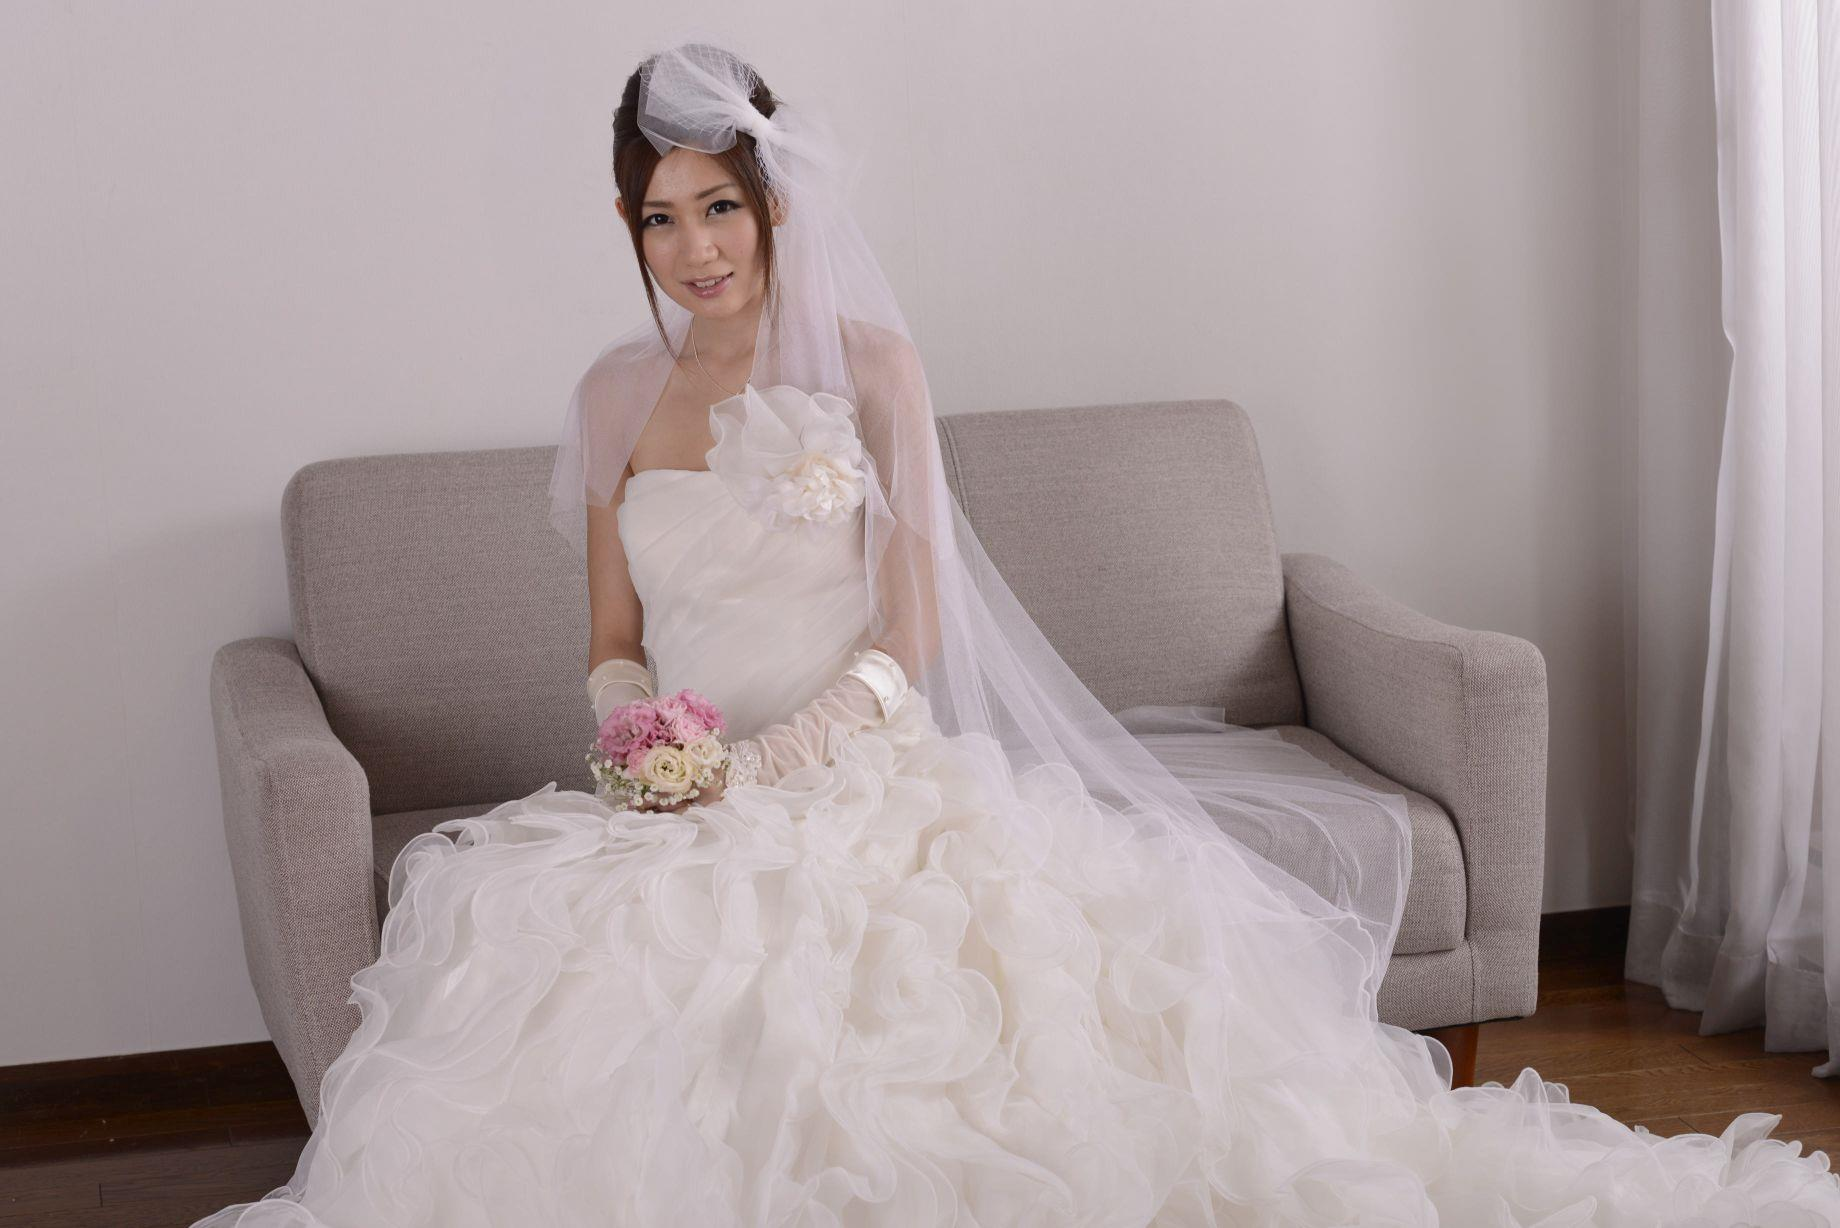 前田かおり ウェディングドレス画像 44